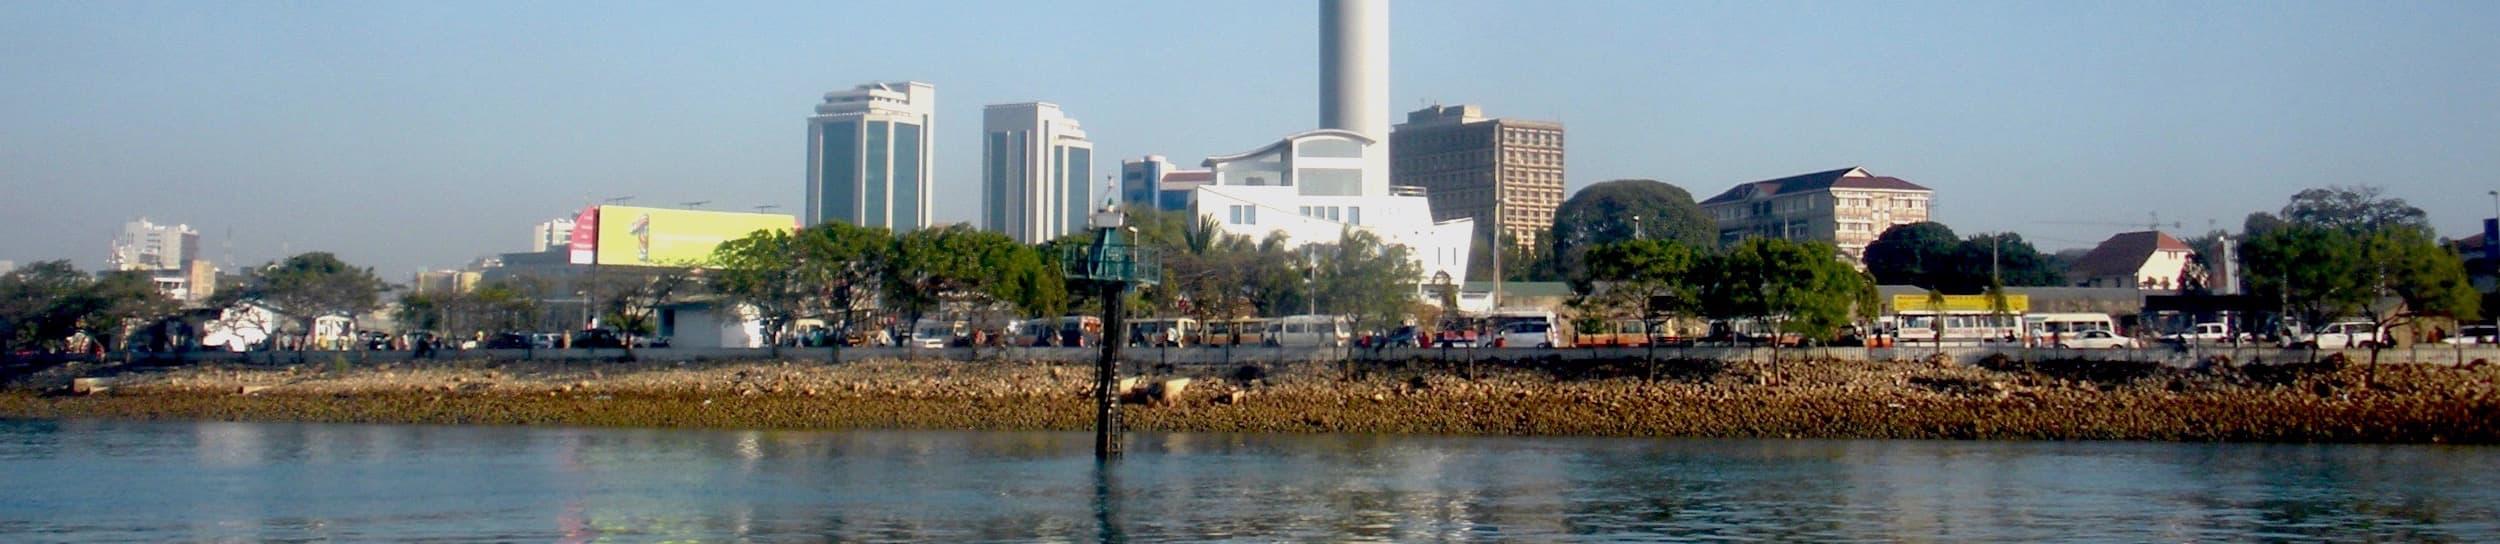 Pictured: skyline of Dar es Salaam